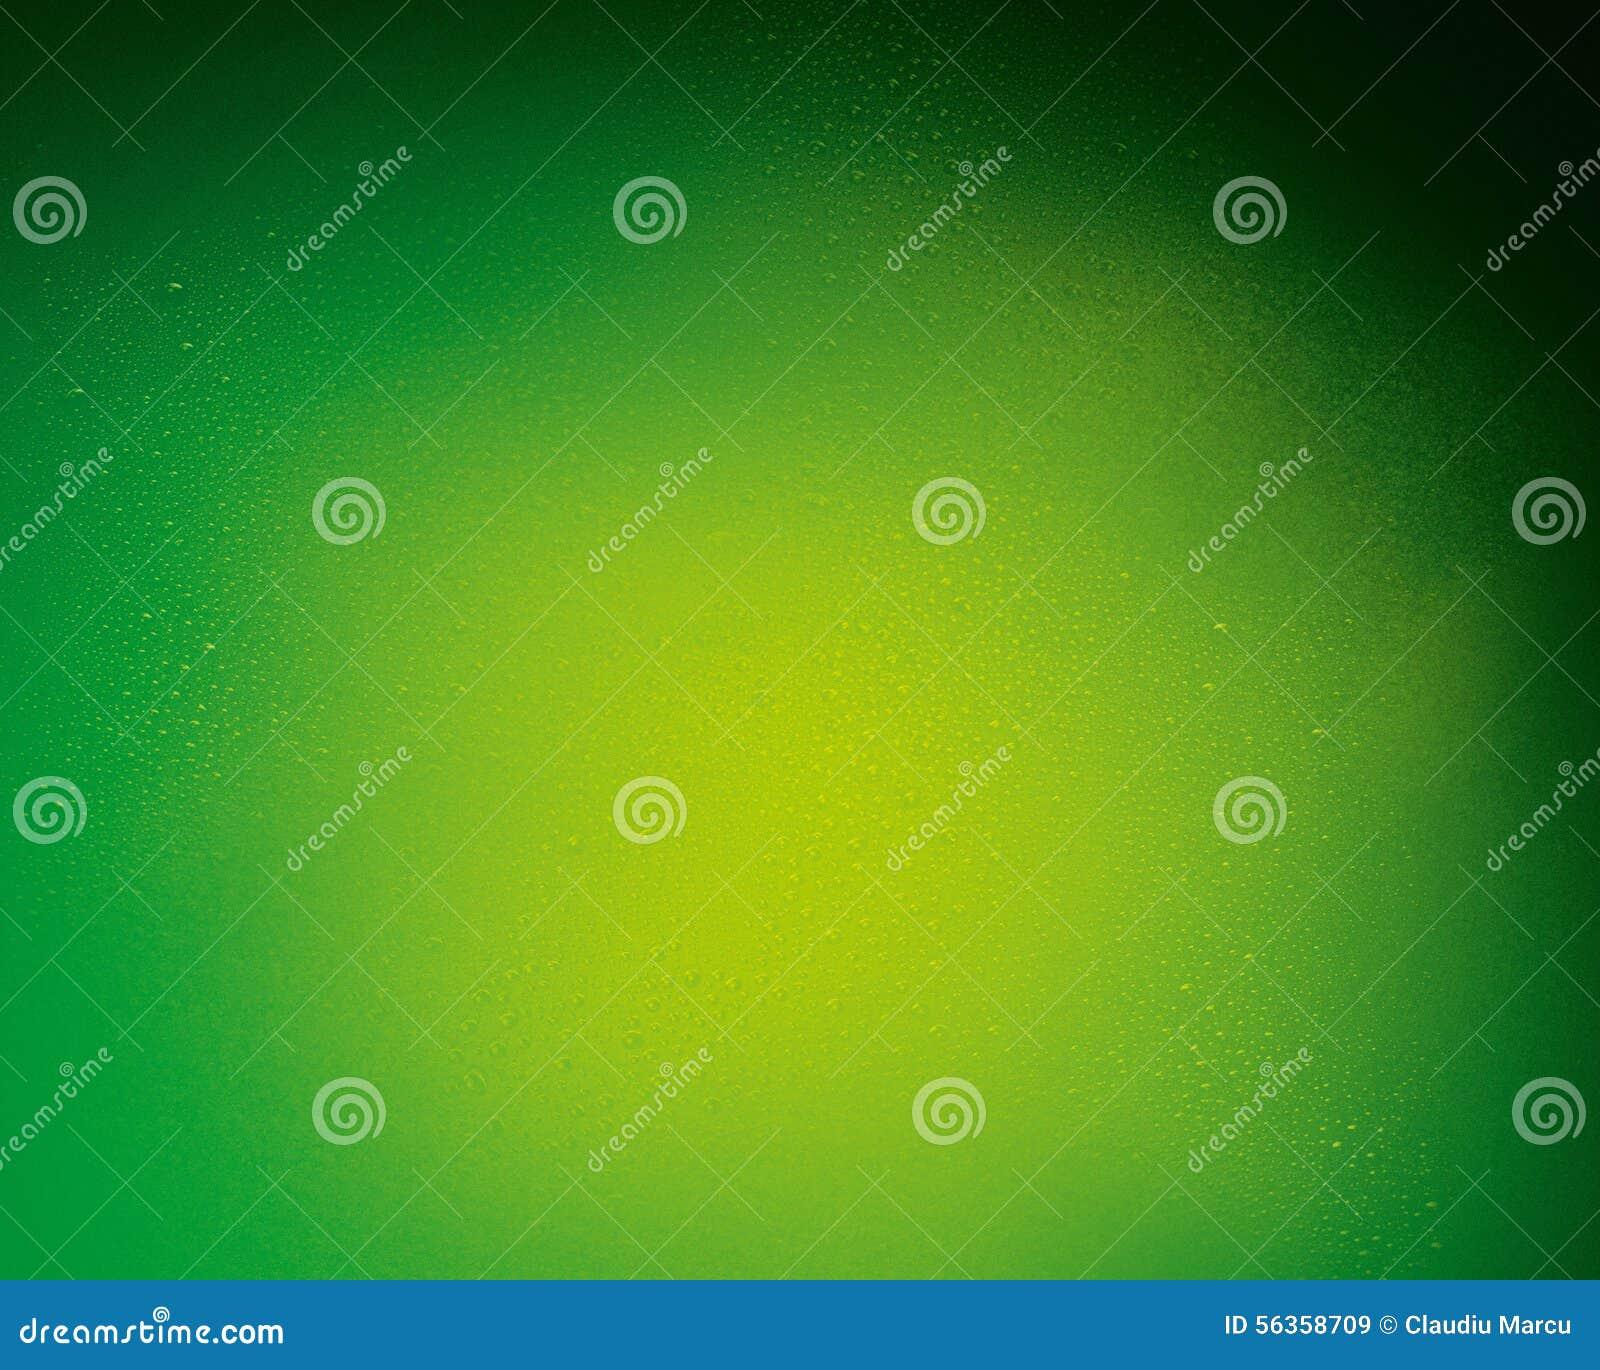 上色与另外种类的改变的绿色背景布局的下落